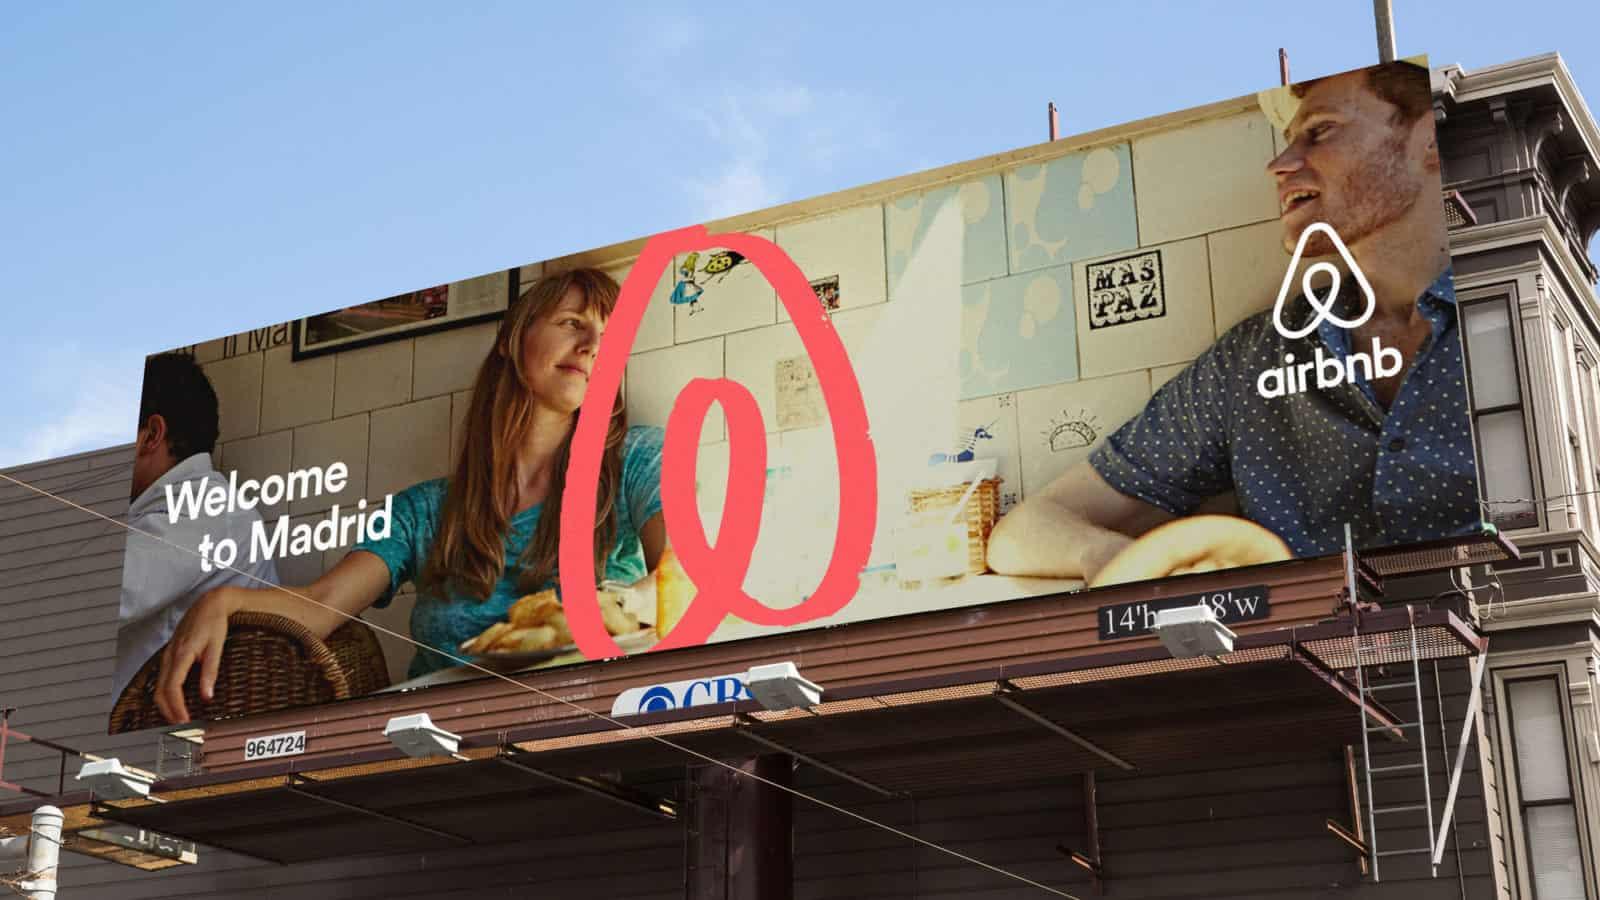 bnb billboard